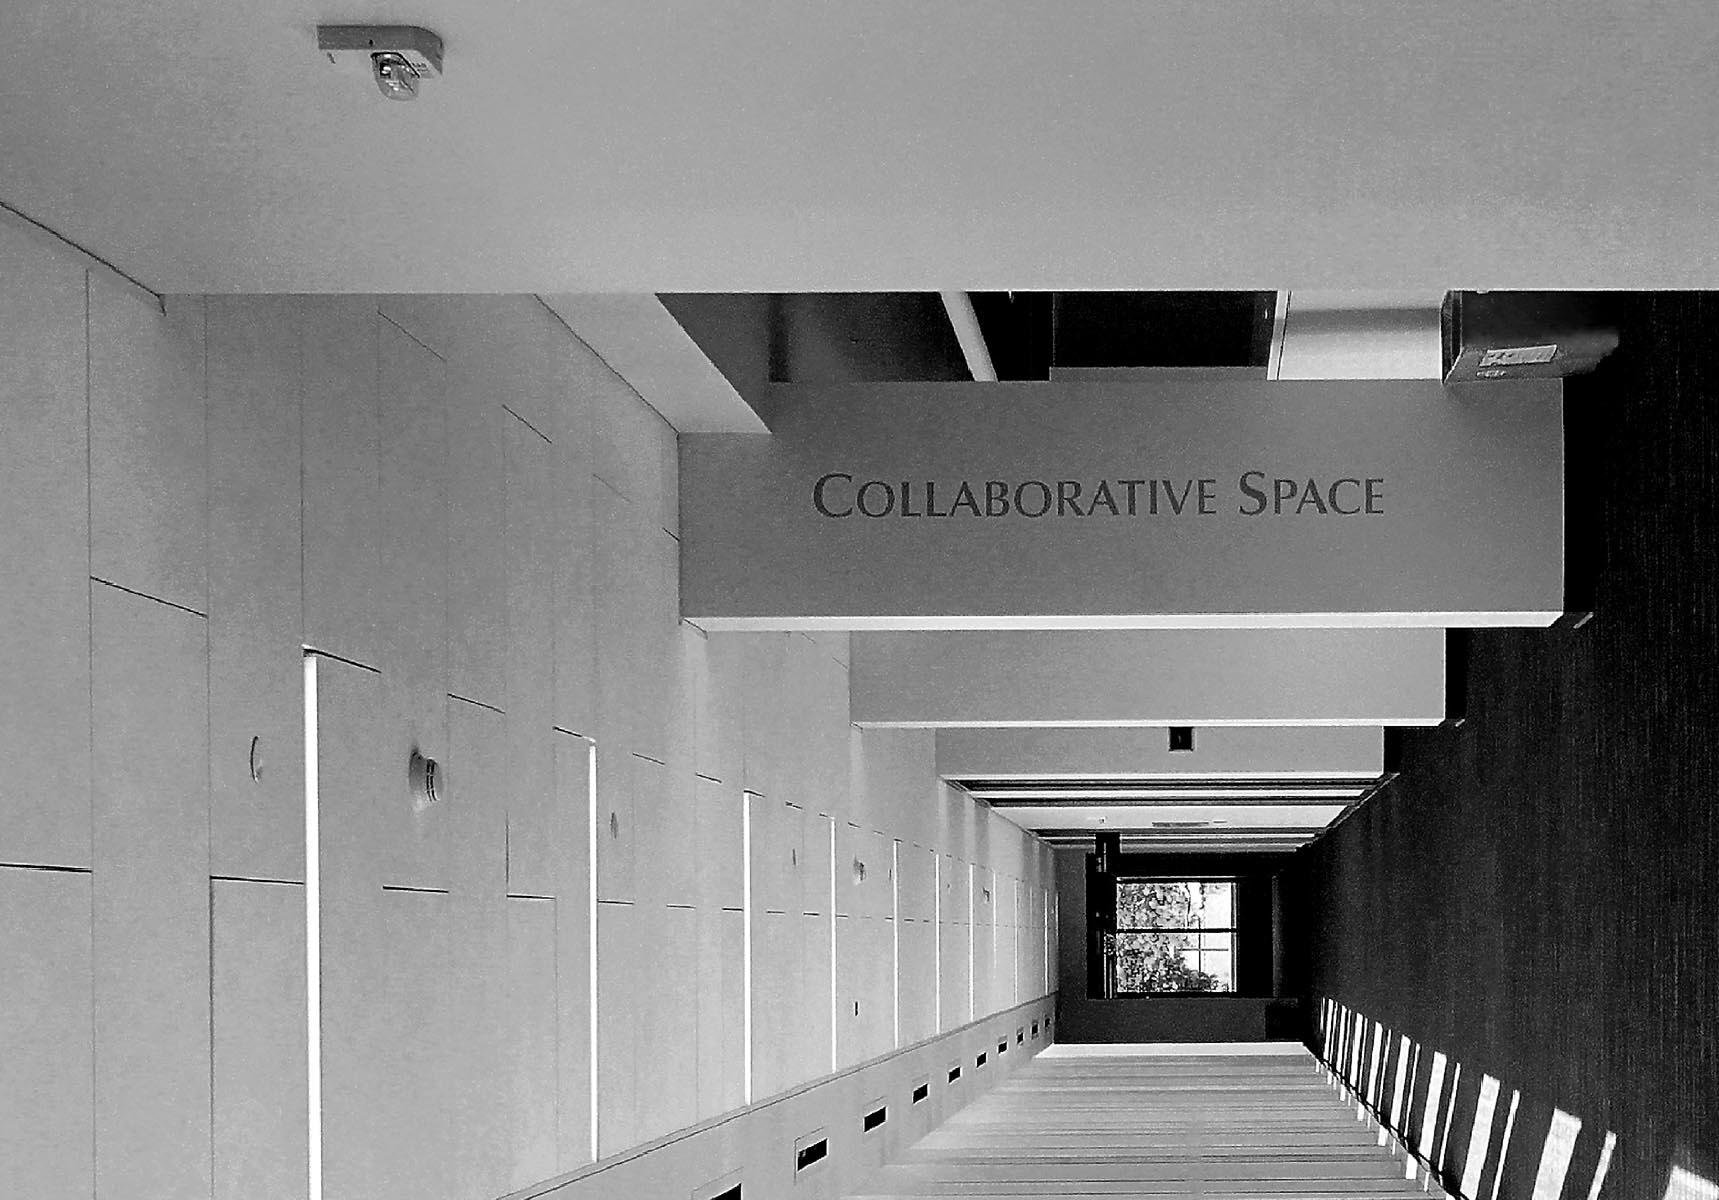 collaborative space..CSUC - bnw - zygzwurx | ello